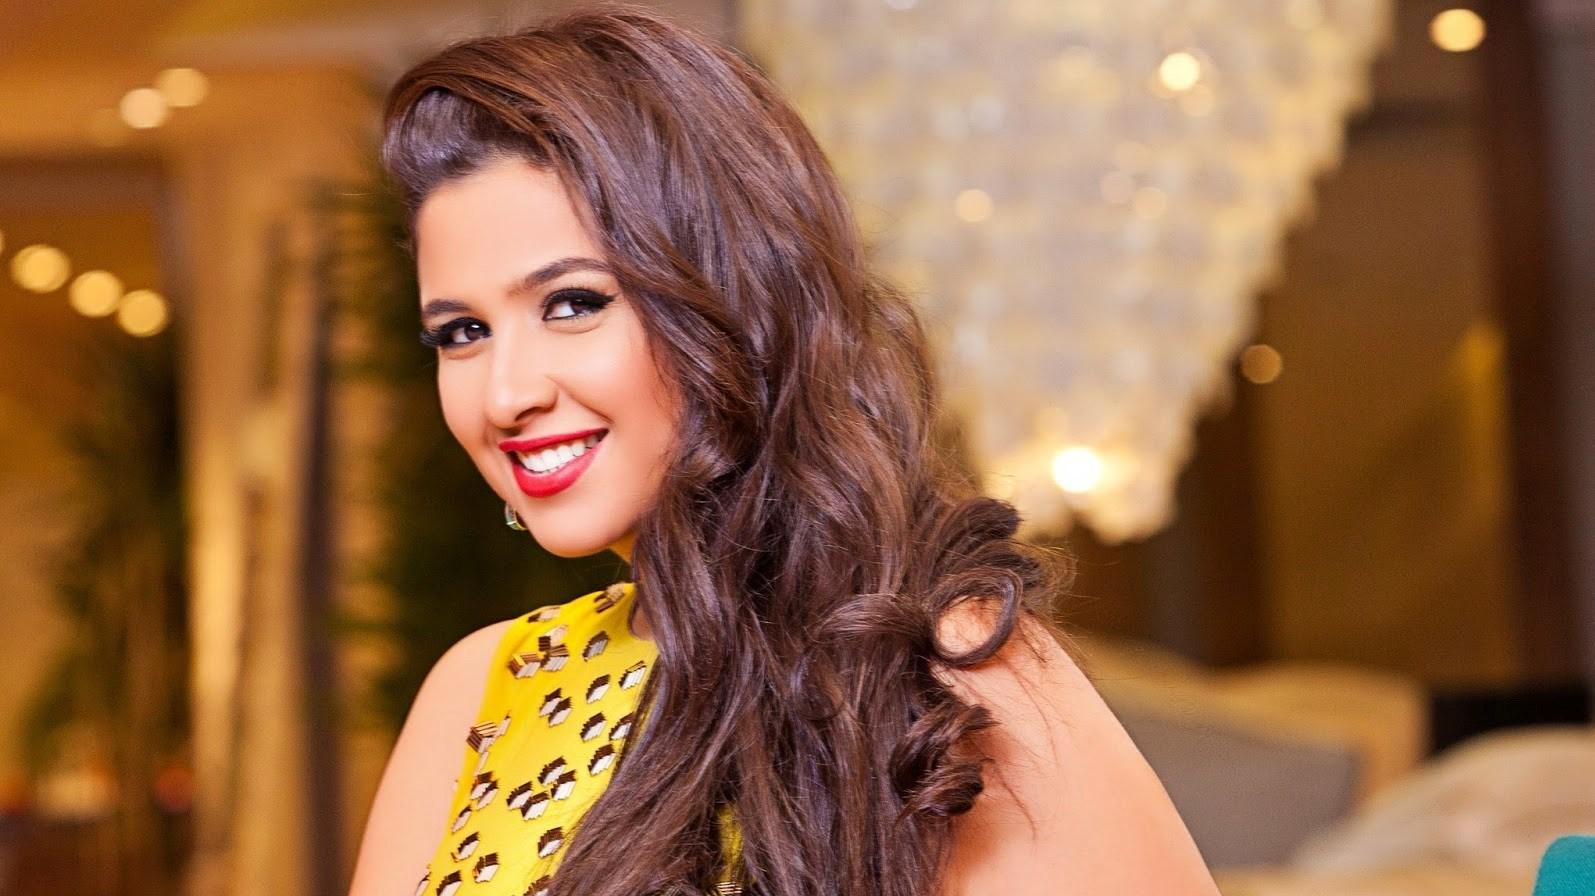 ياسمين عبدالعزيز بفستان الزفاف وتعلن زواجها من أحمد العوضي